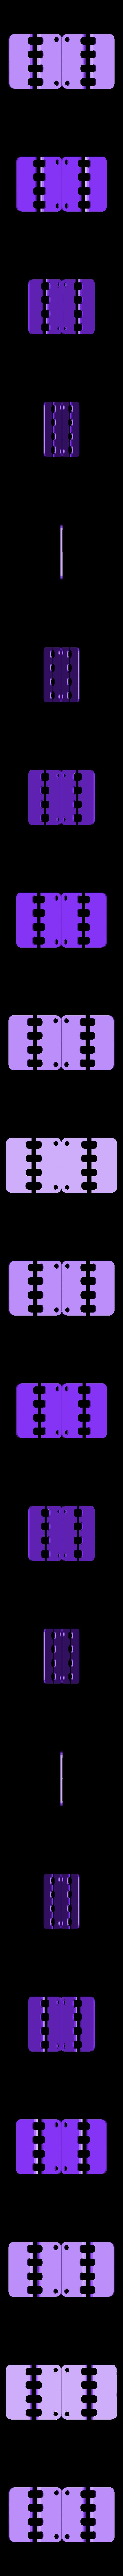 Kobayashi_Cube_Top.STL Télécharger fichier STL gratuit Multi-Color Kobayashi Cube • Modèle pour imprimante 3D, MosaicManufacturing